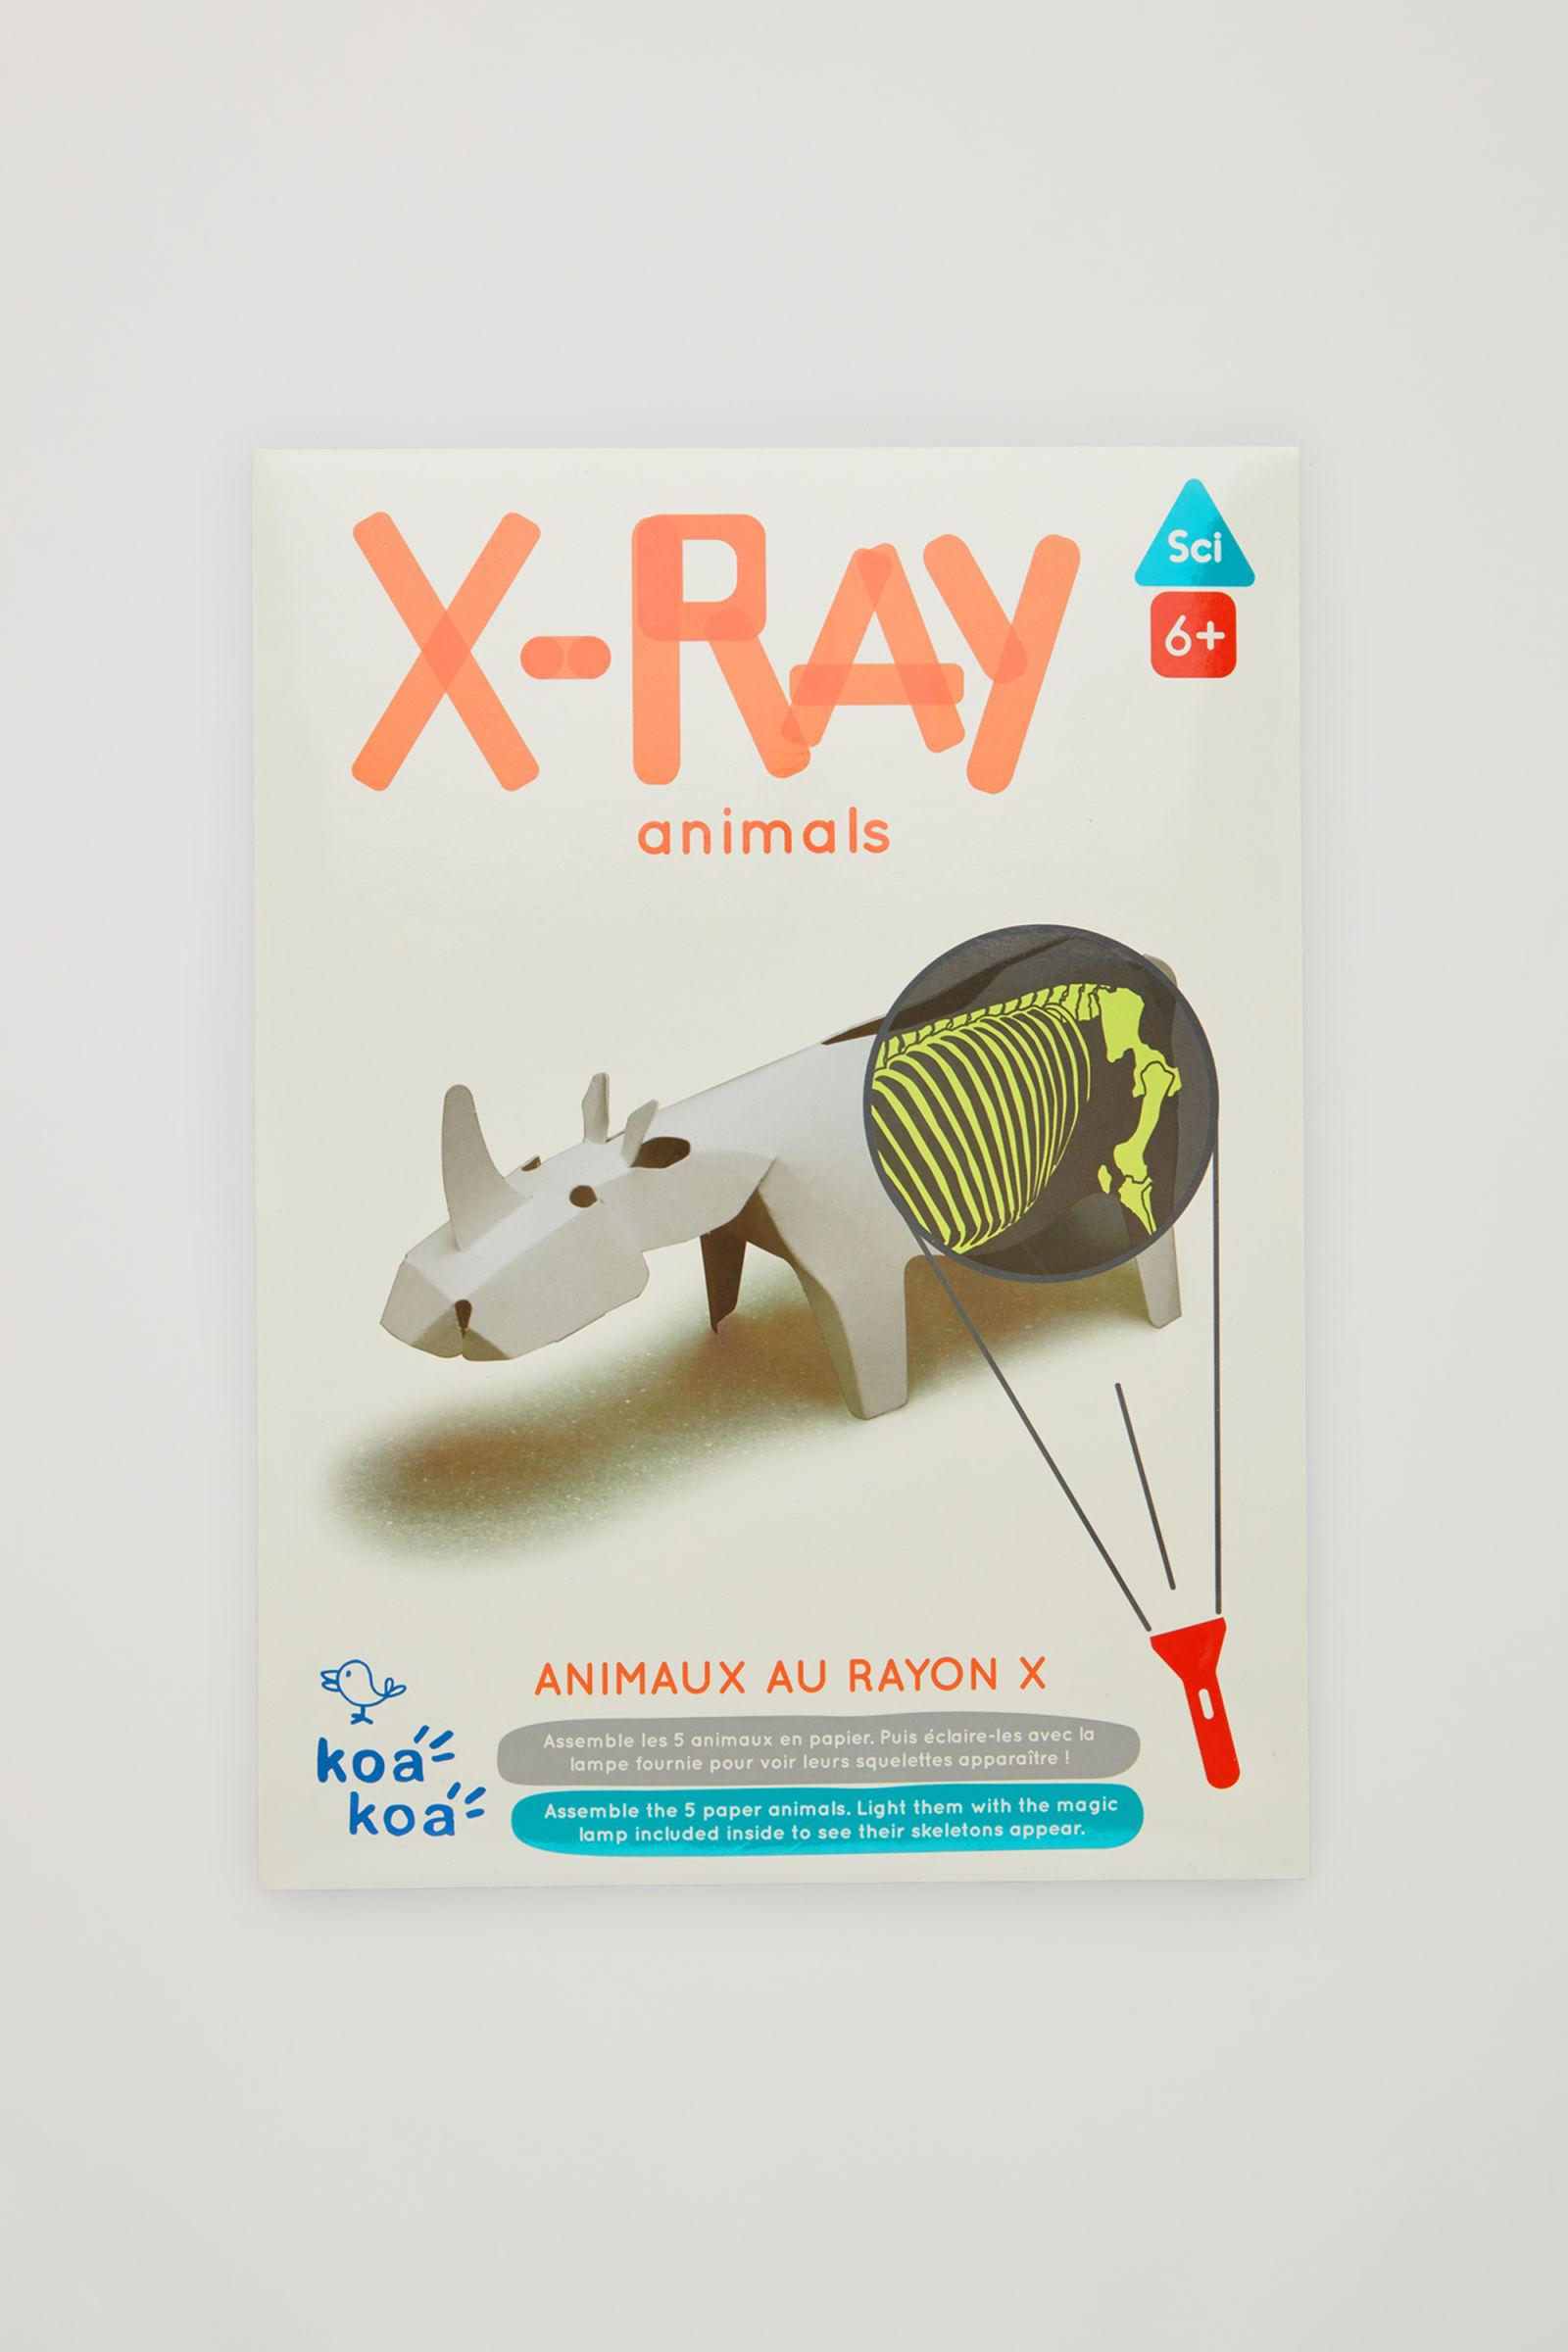 코스 키즈 종이 동물 만들기 책 COS KOA KOA XRAY ANIMALS KIT,white